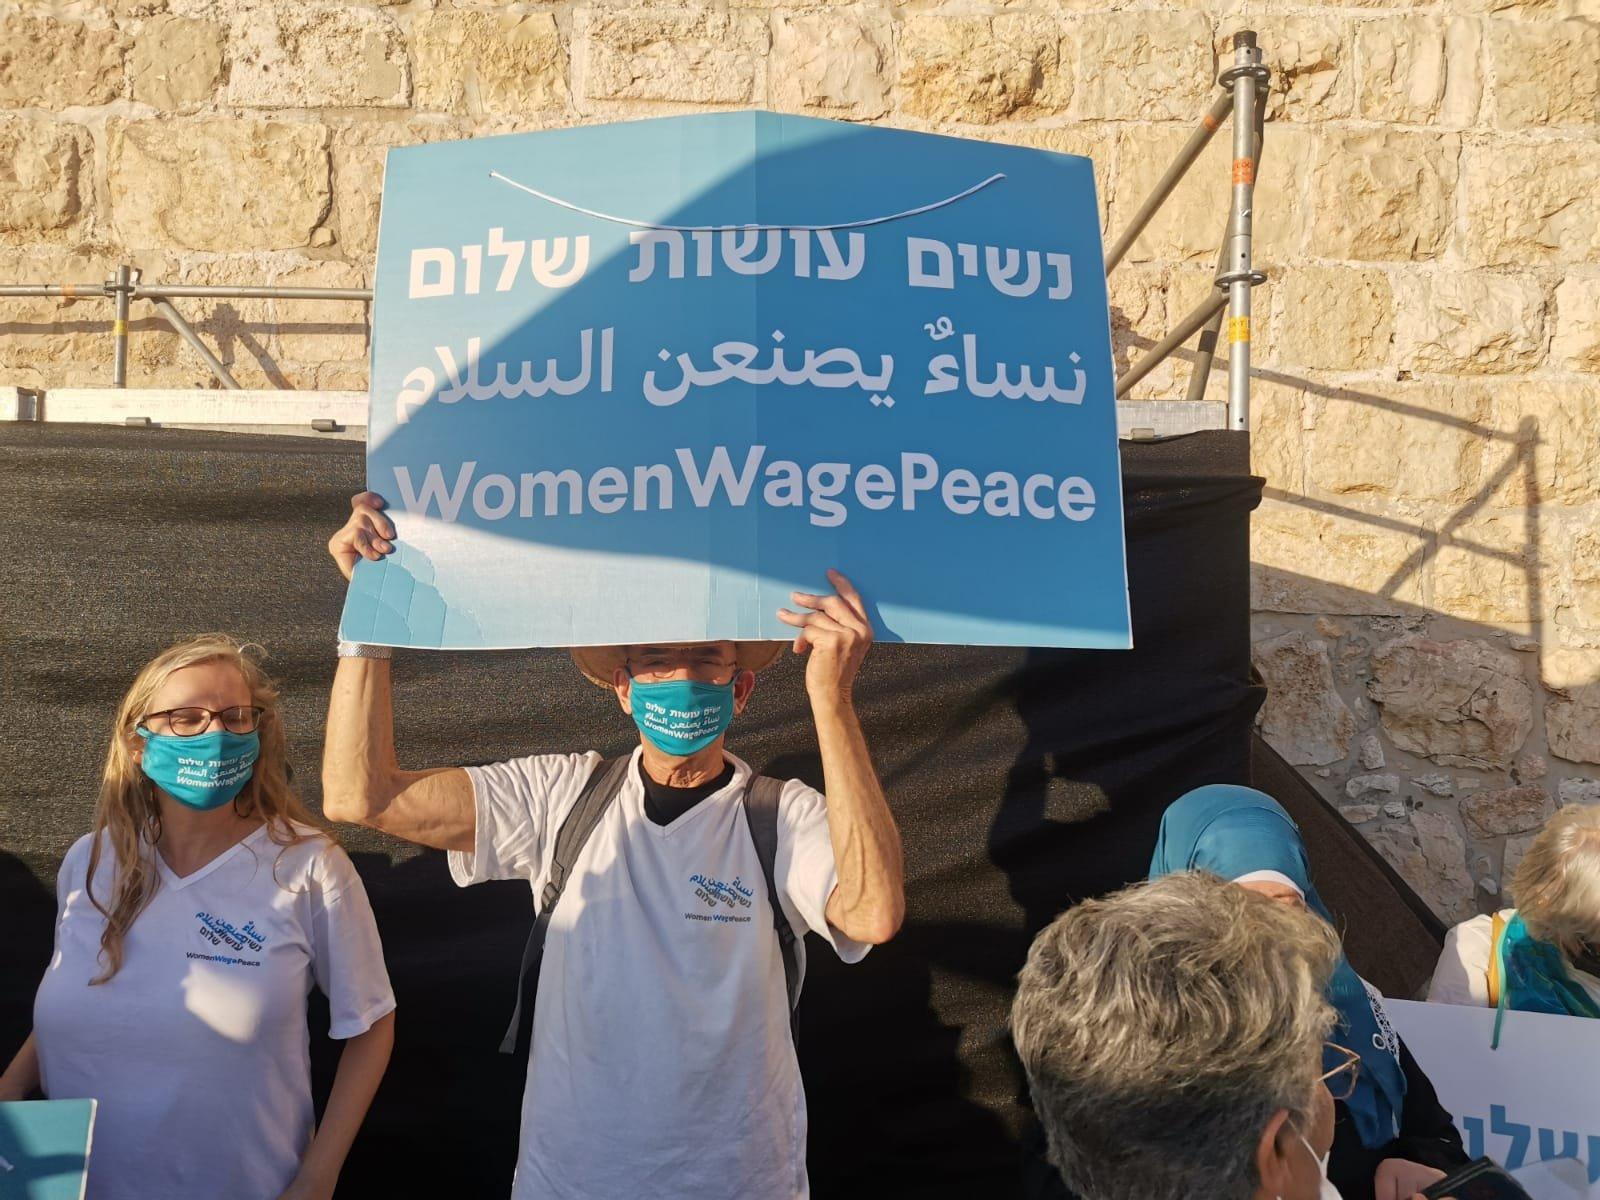 """""""نساء يصنعن السلام """" ينظمن سلسلة بشرية لتحقيق السلام بين الشعبين-3"""